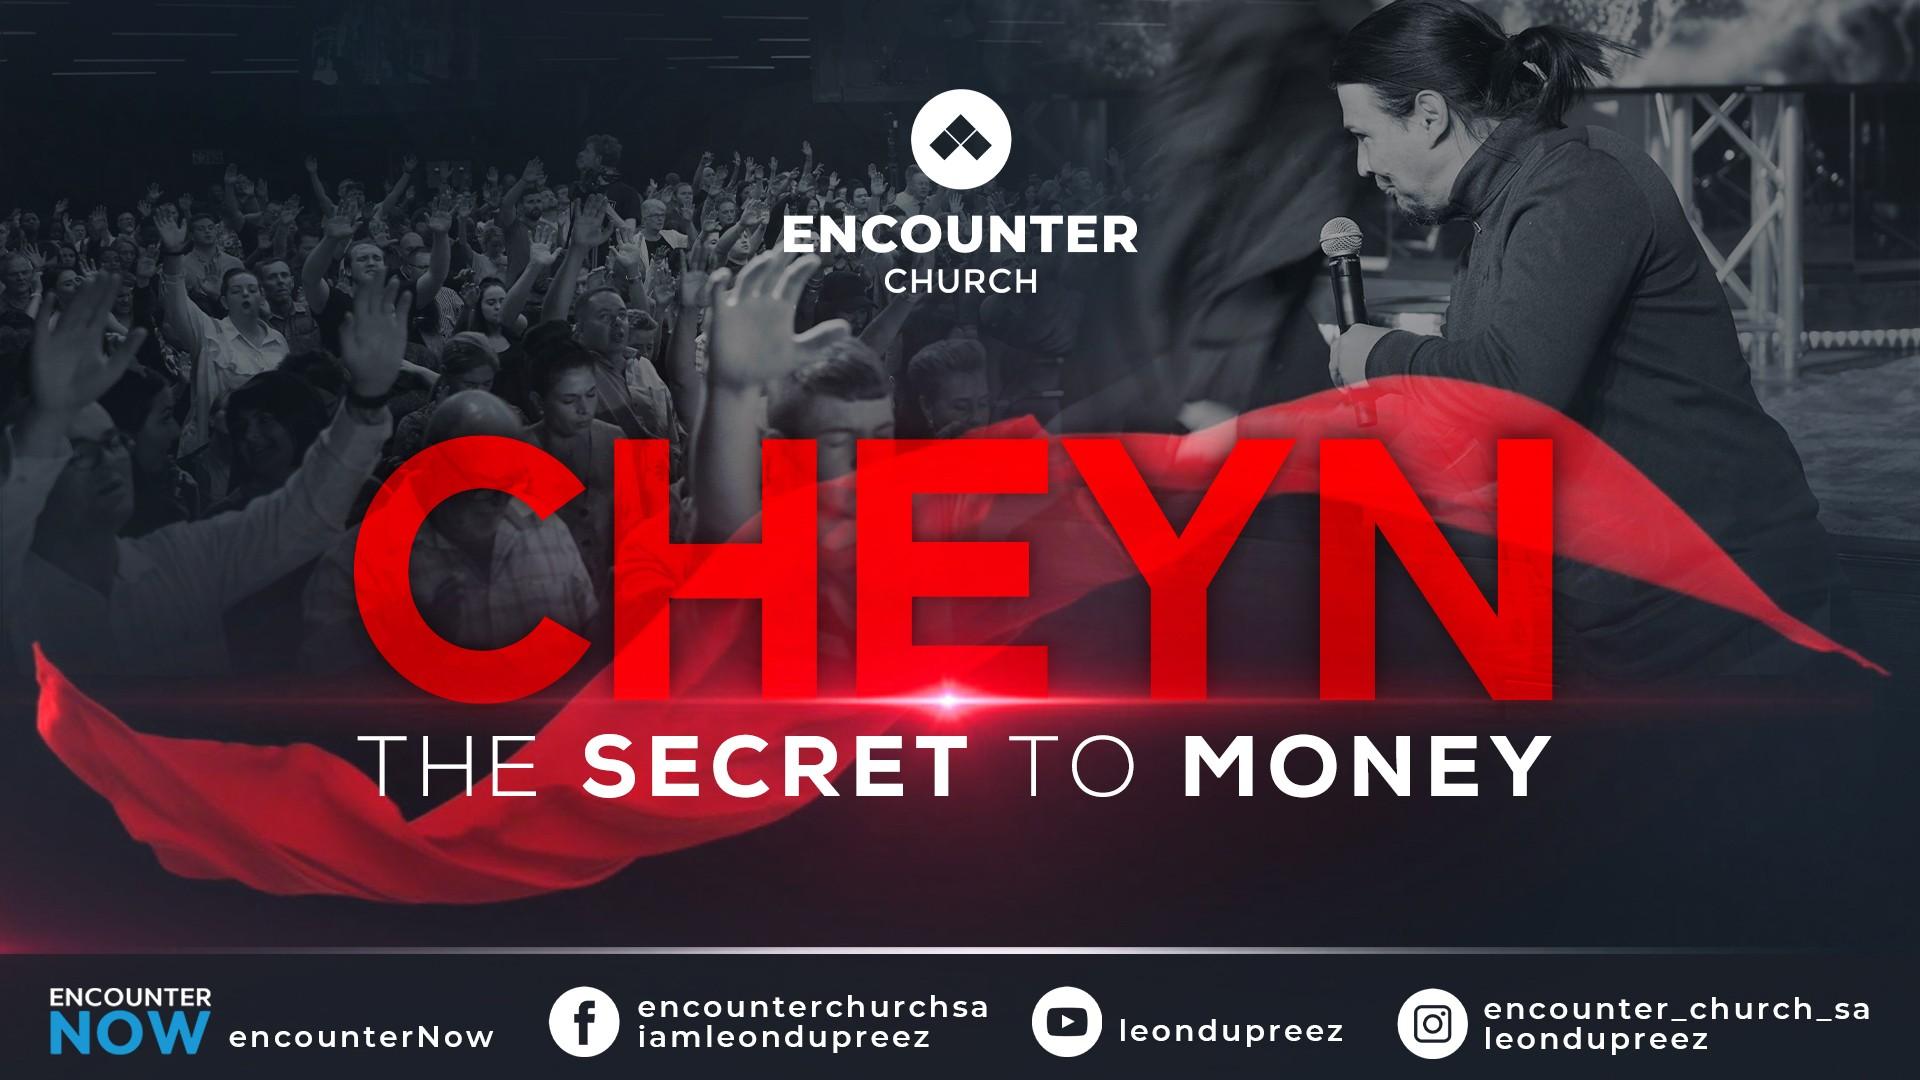 Cheyn: The Secret To Money